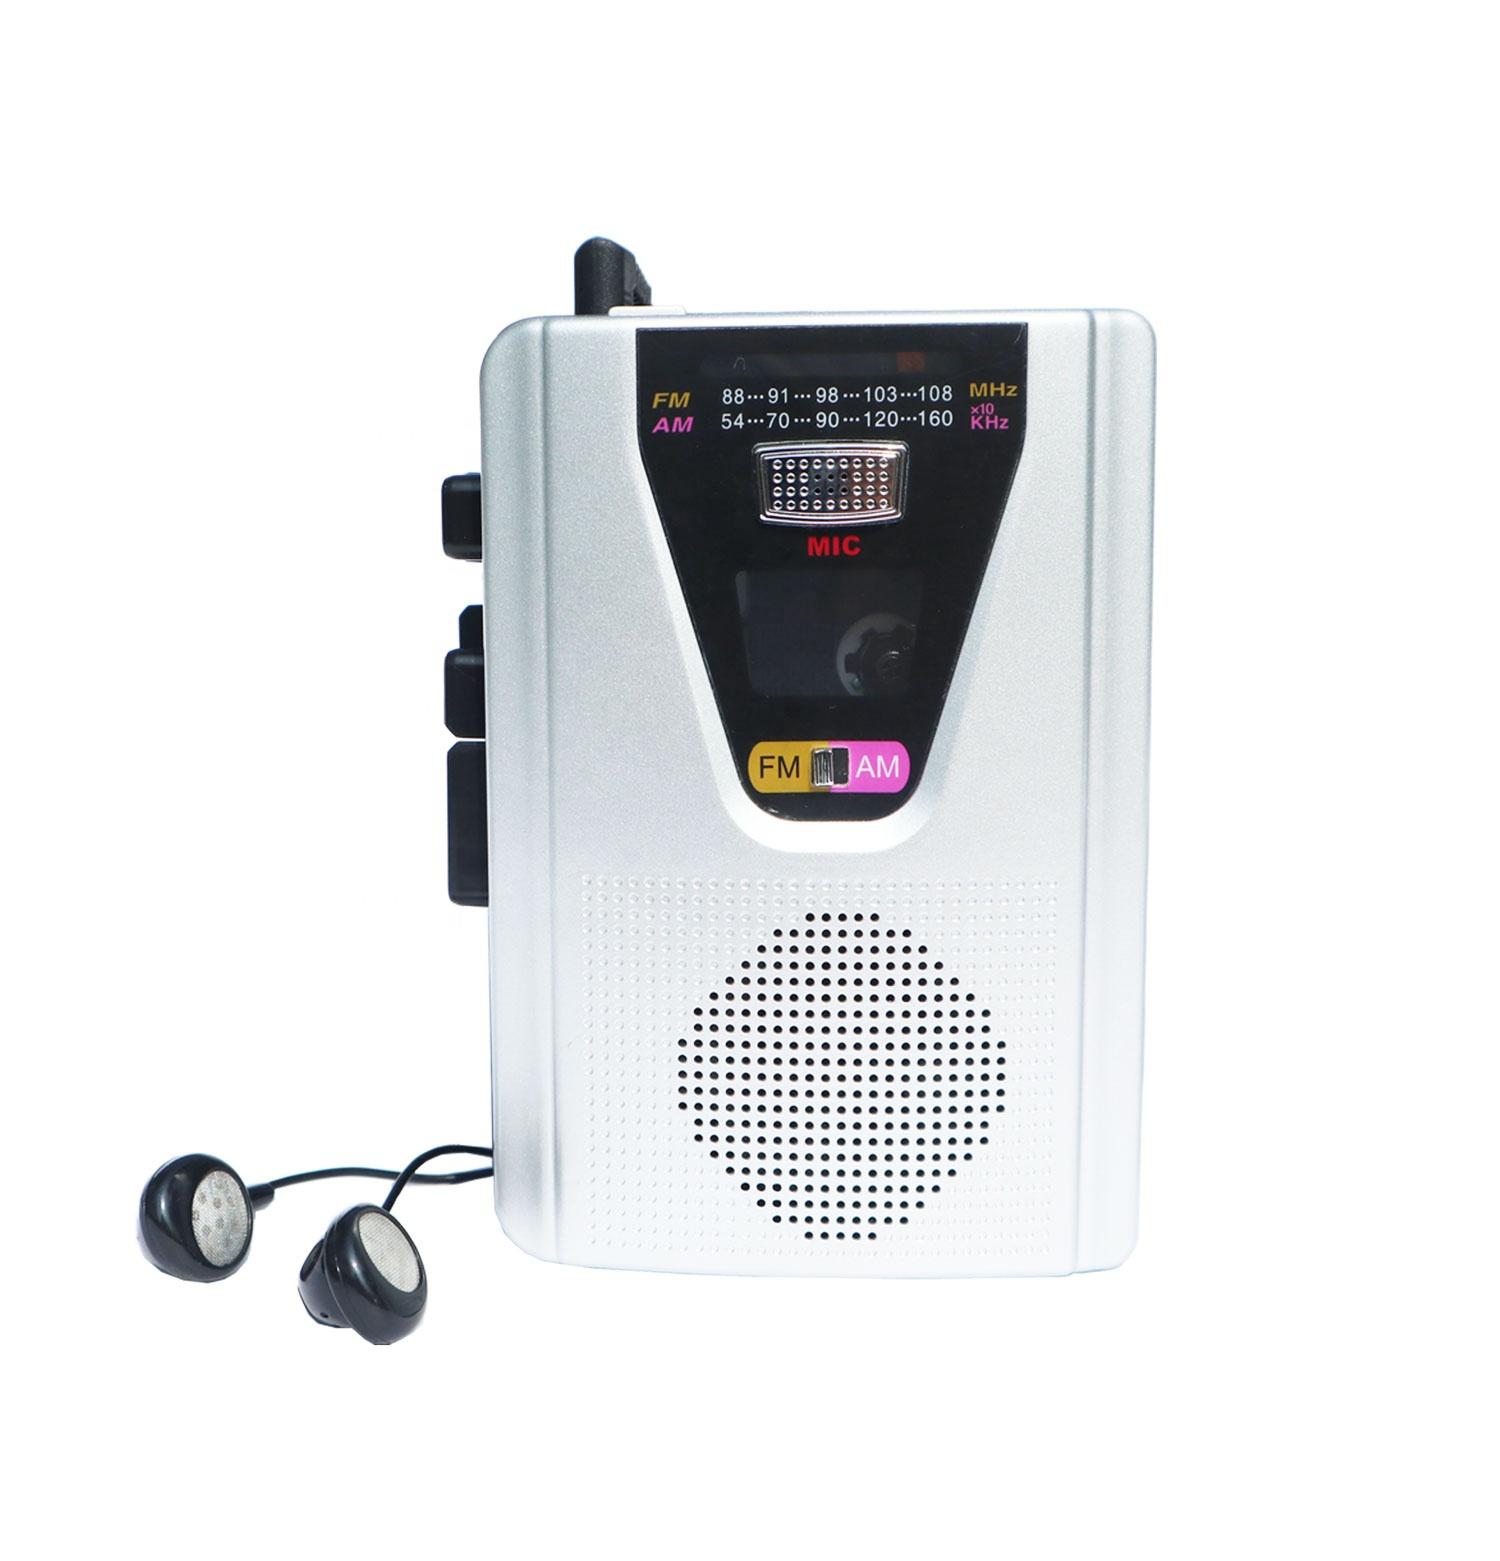 पोर्टेबल ऑडियो कैसेट प्लेयर और कैसेट रिकॉर्डर के साथ AM/एफएम रेडियो